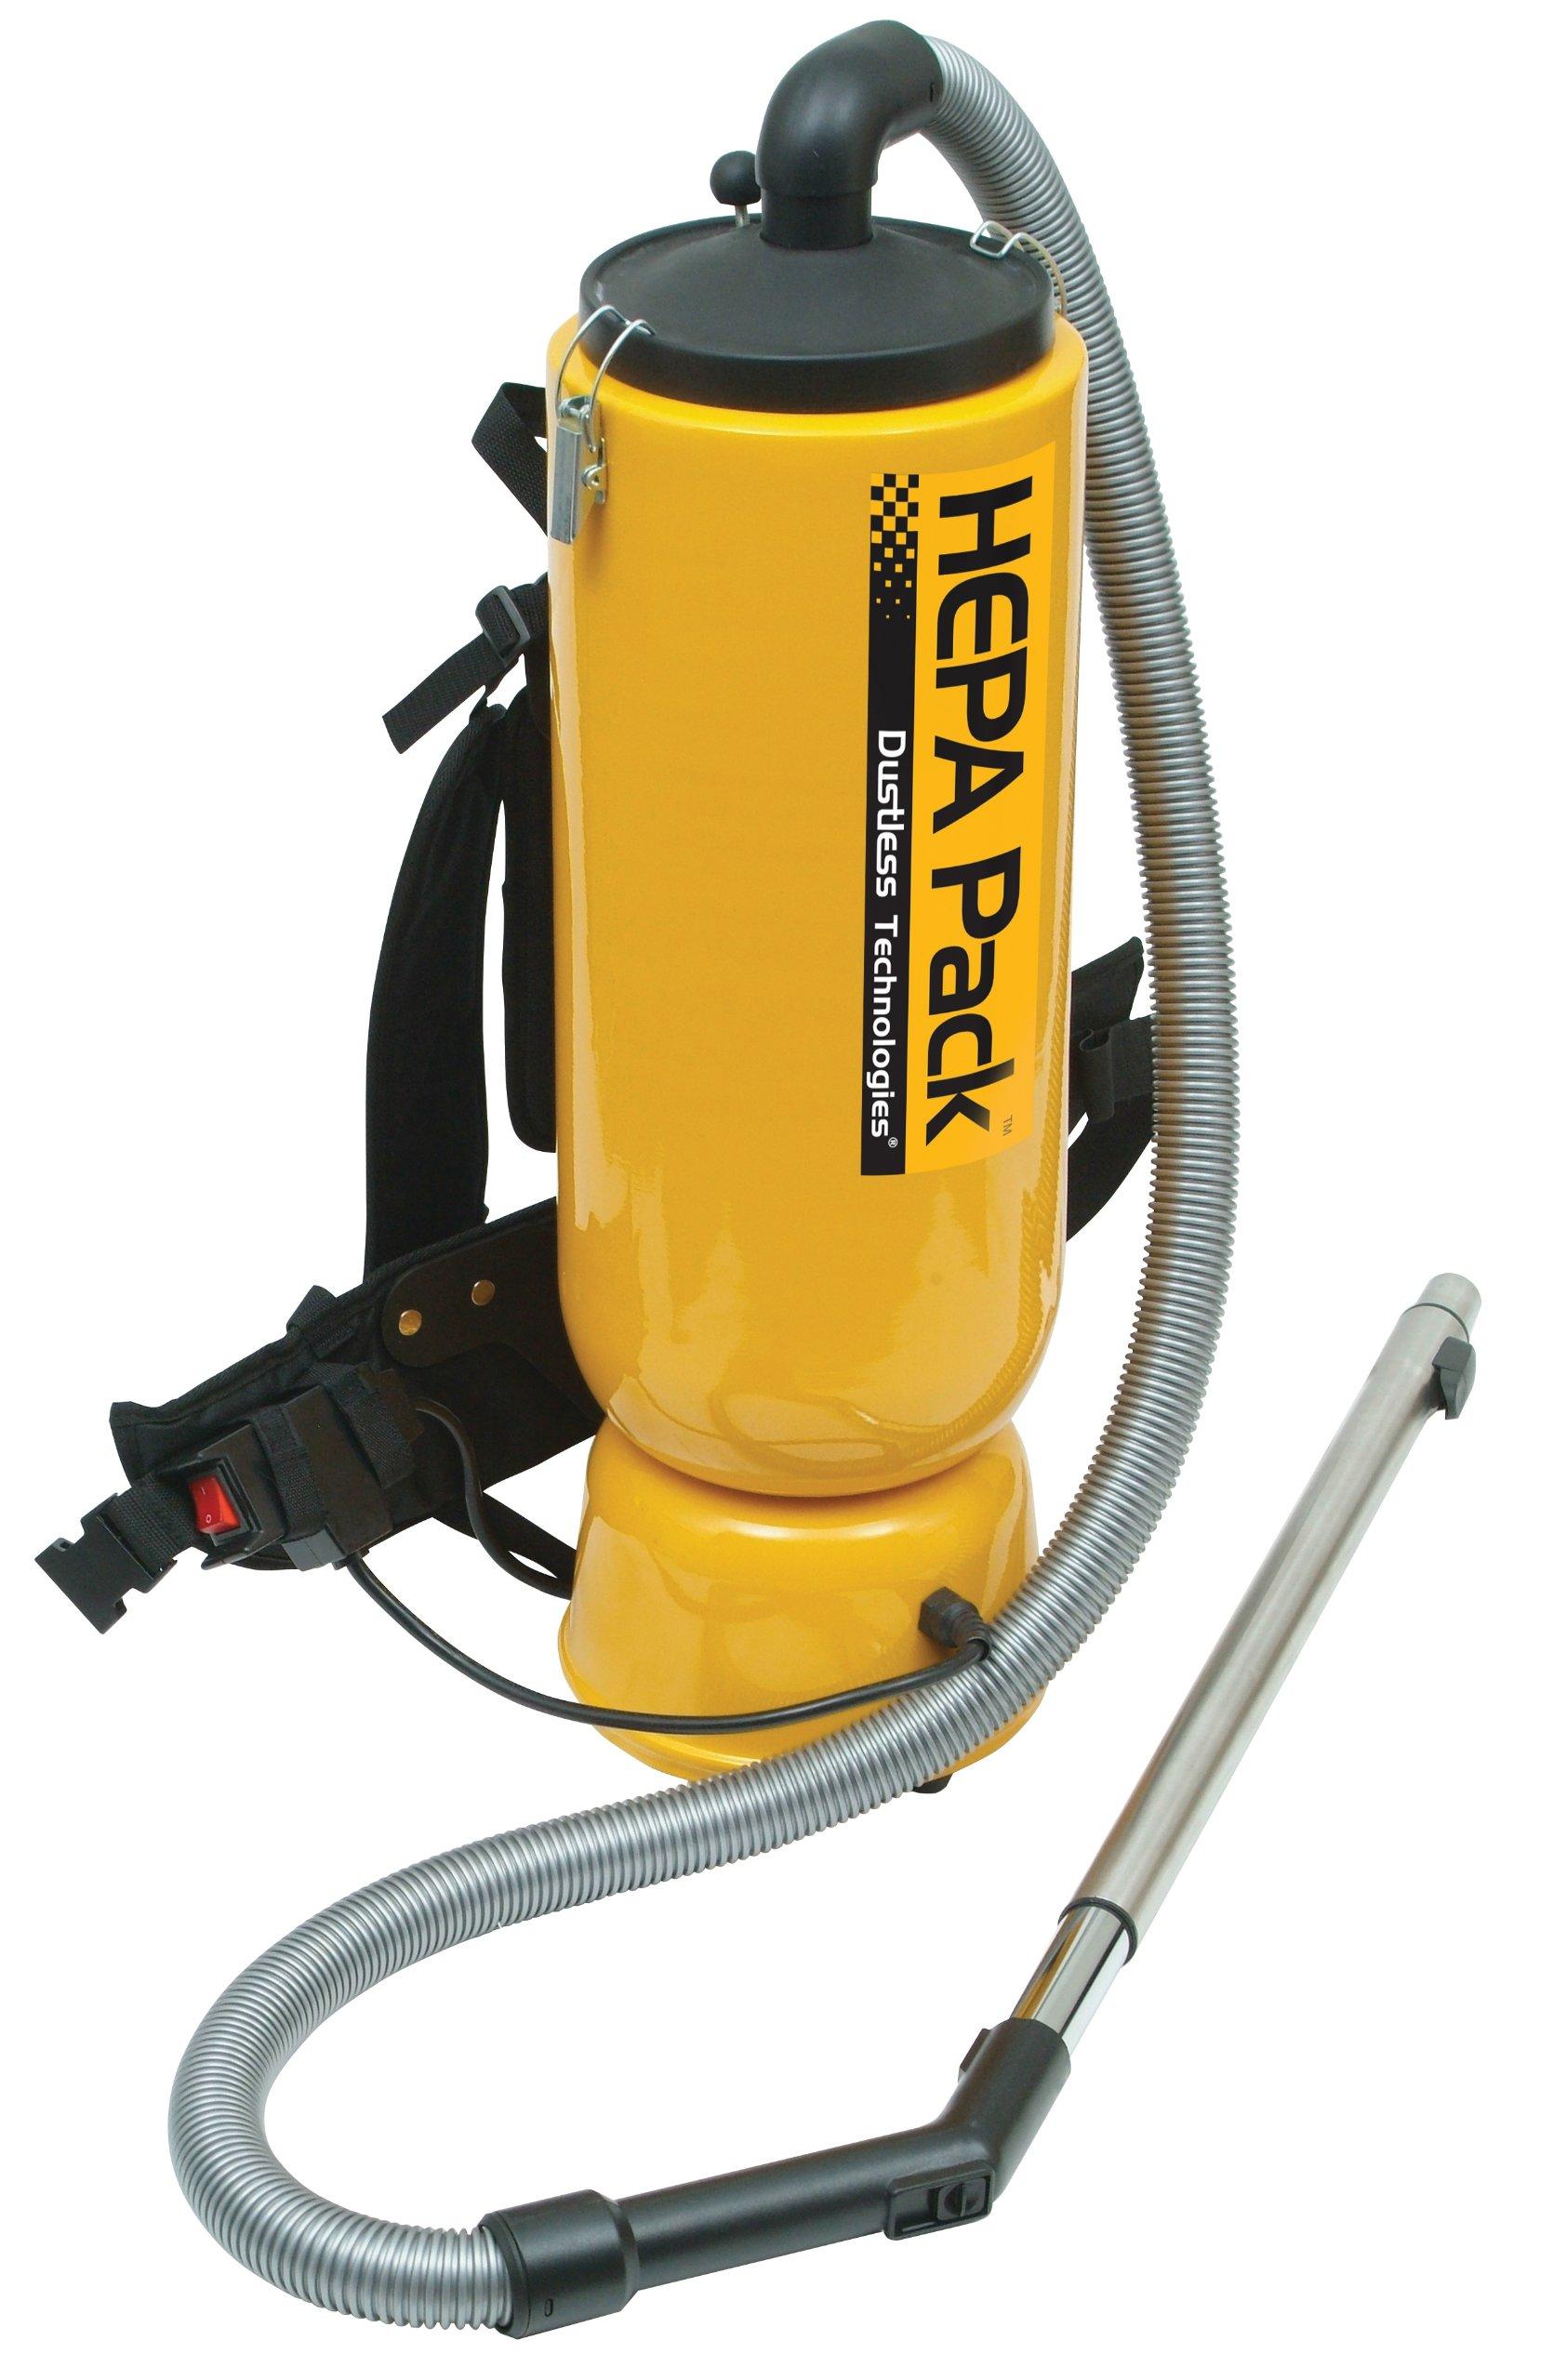 HEPA Back Pack Vacuum by Dustless Technologies